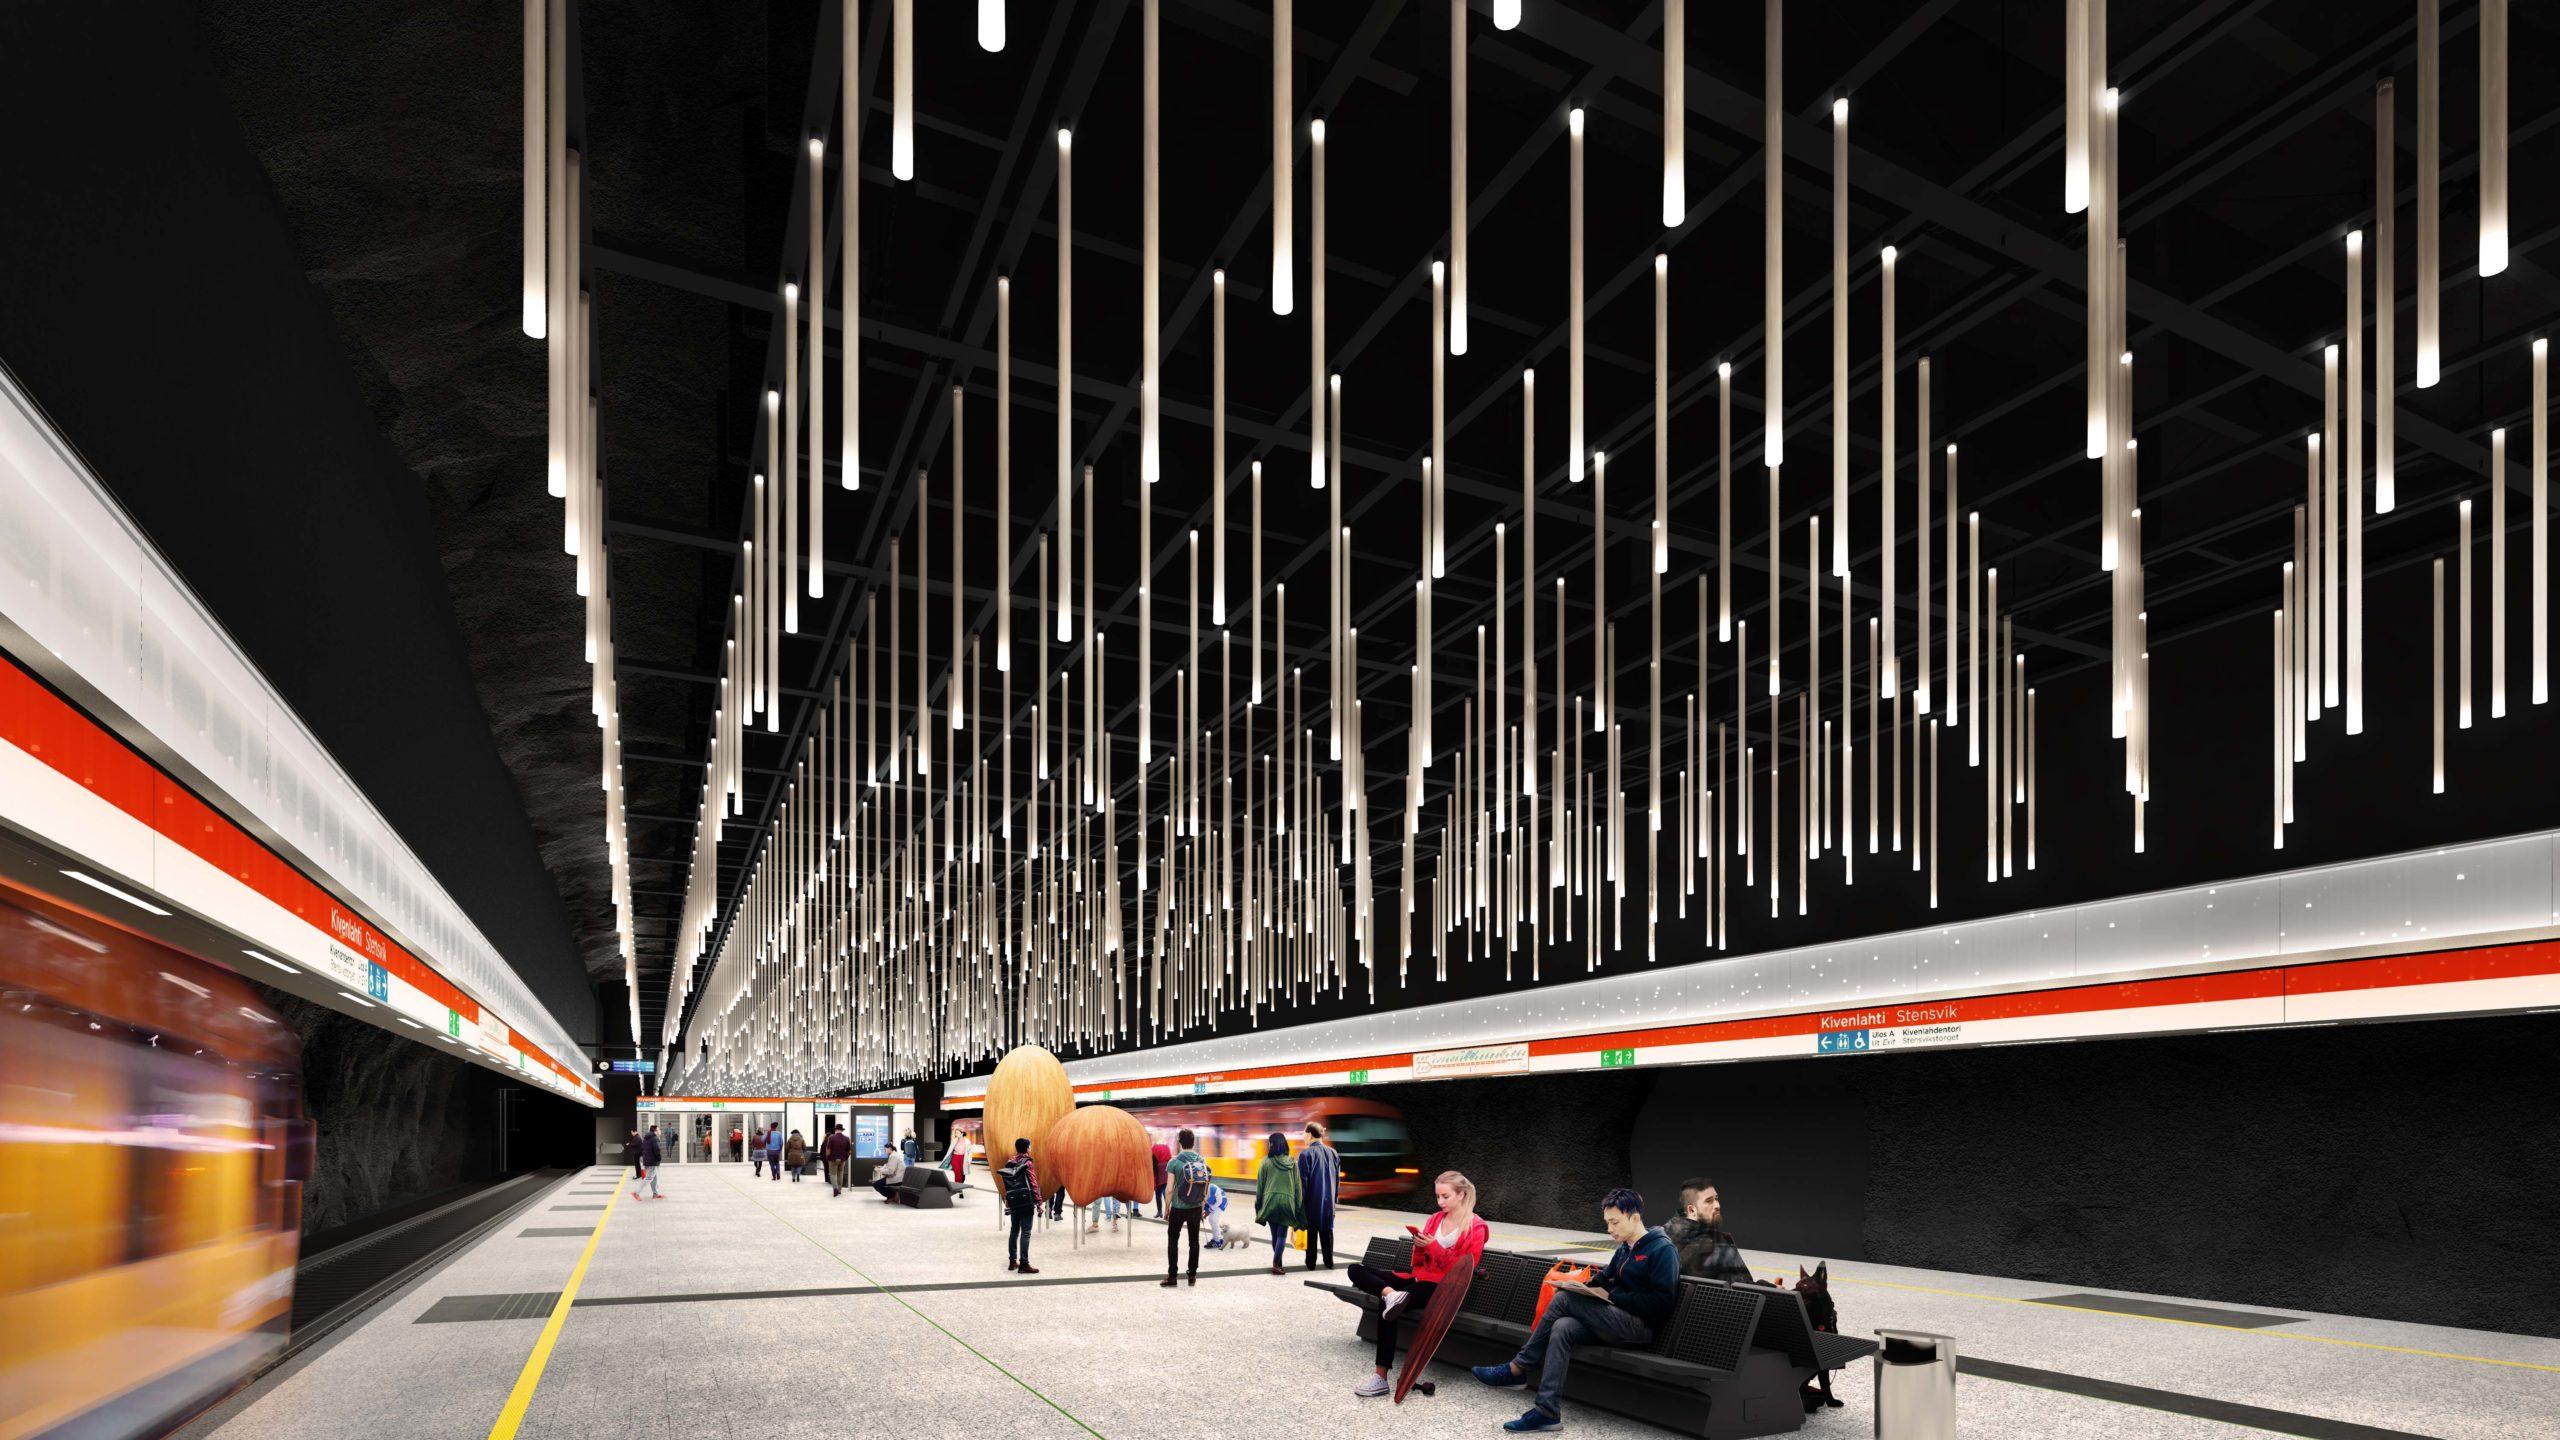 Havainnekuva tulevan Kivenlahden metroaseman metrolaiturilta. Laiturin katosta riippuu useita valaisimia. Laiturilla näkyy kaksi oranssia veistosta. Veistos on nimeltään Kulkijat.